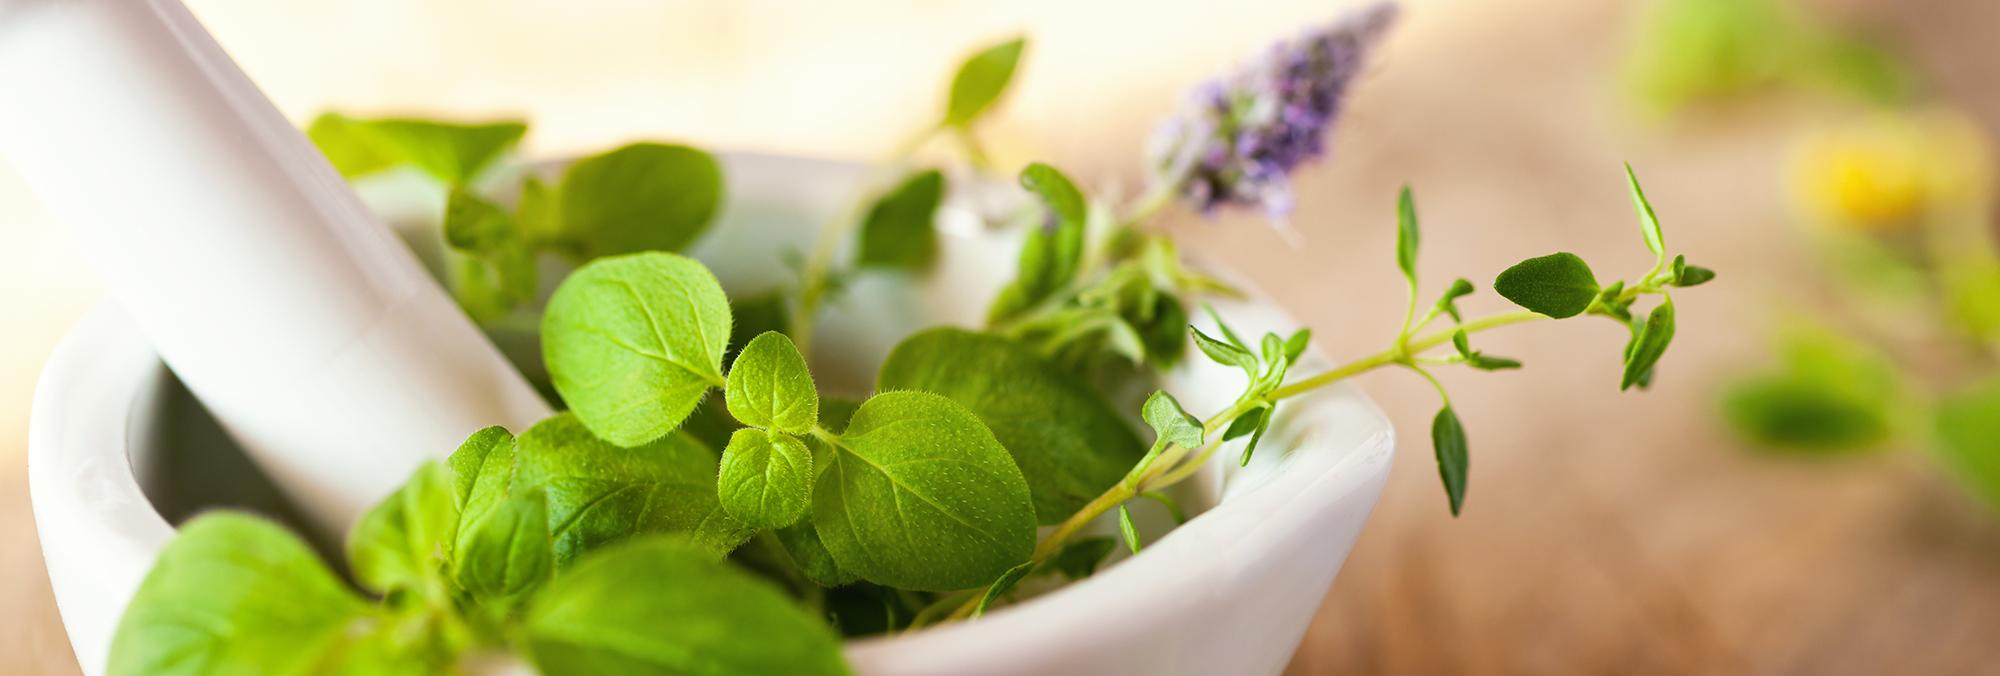 natural medicines background